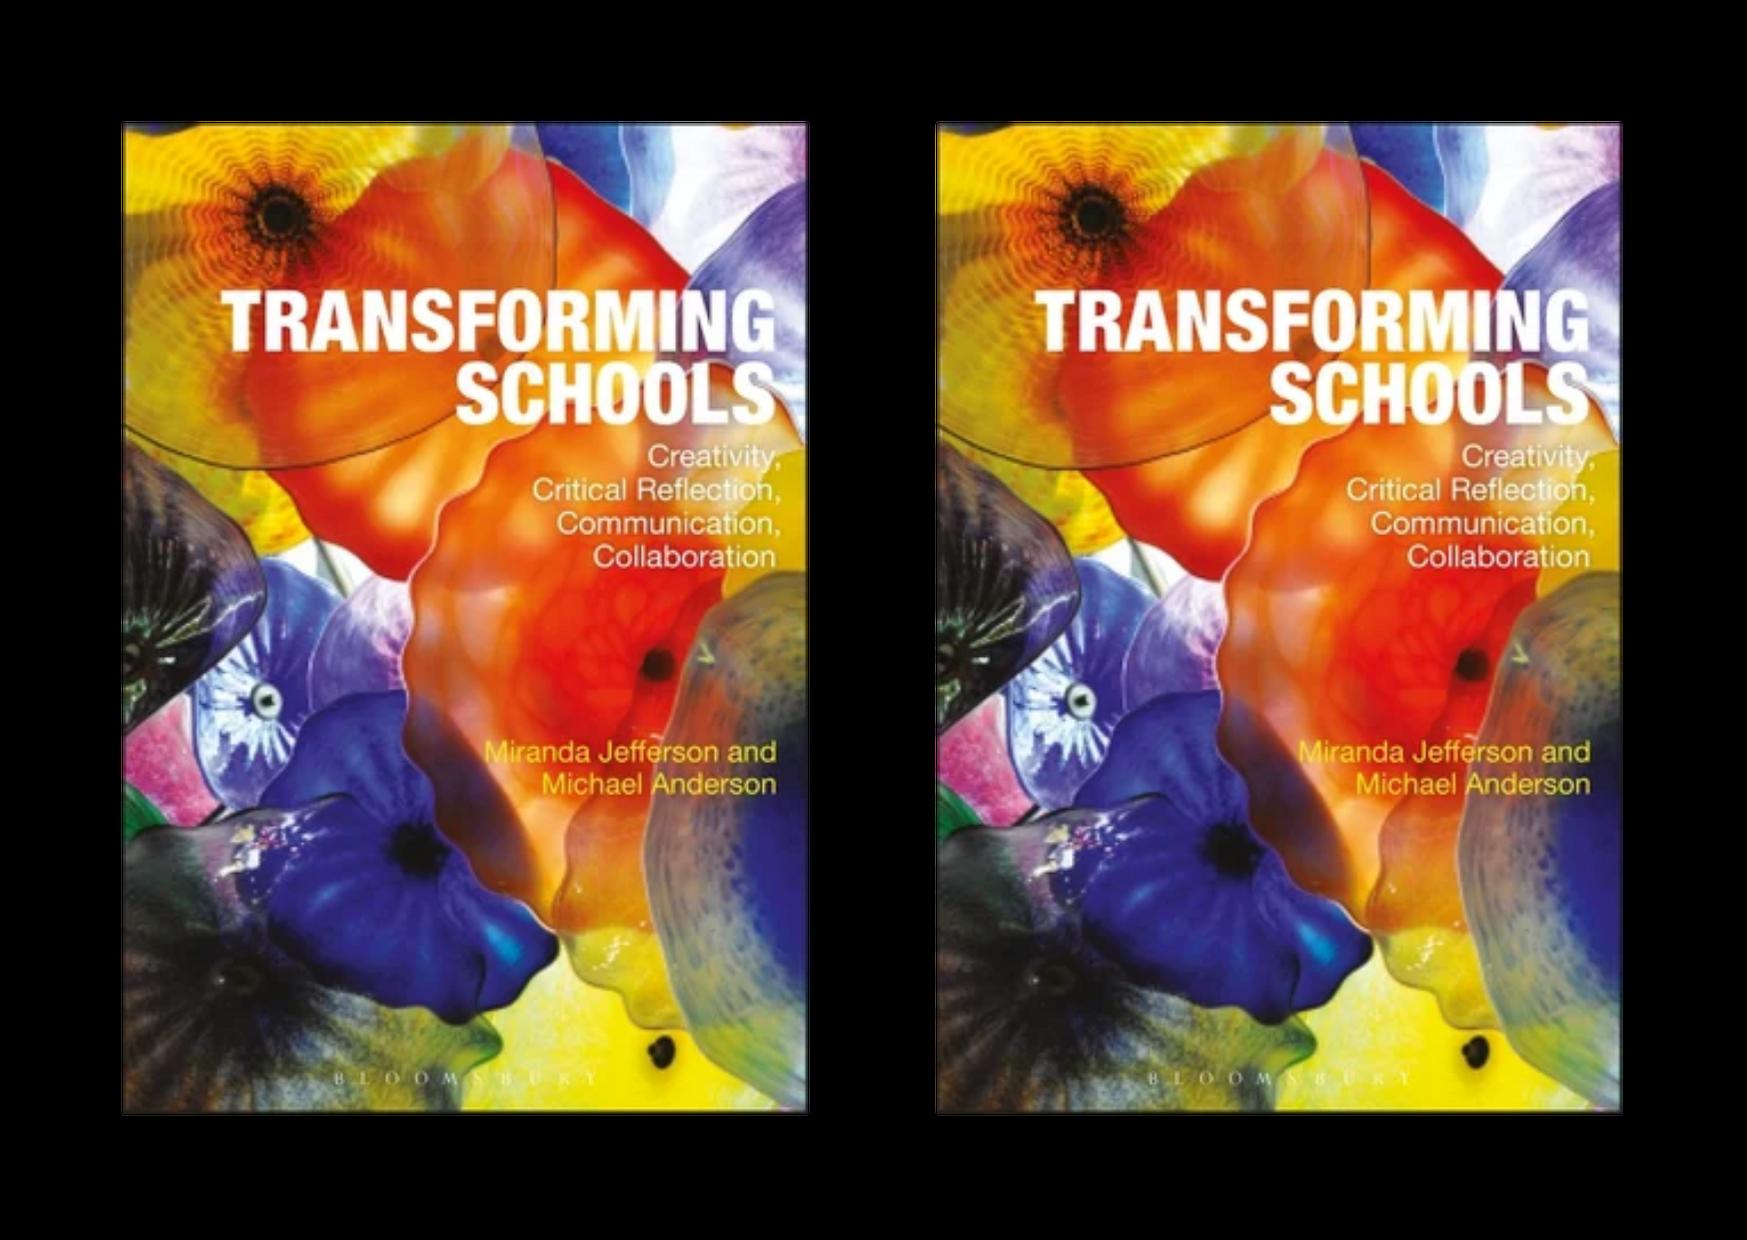 Bloomsbury - Transforming Schools